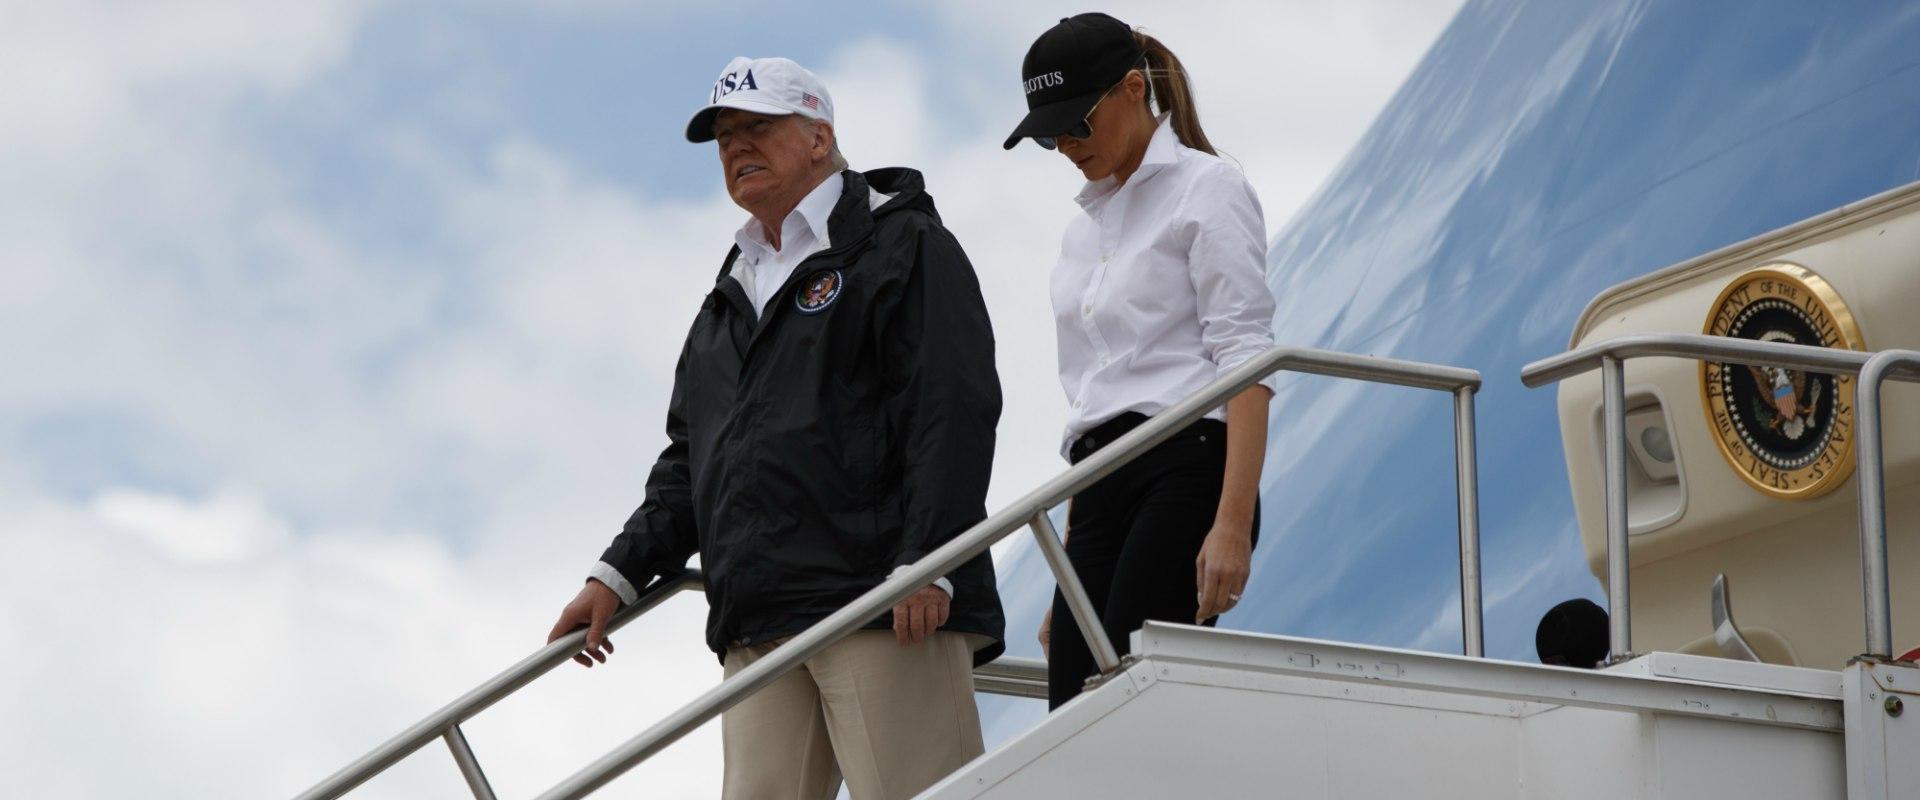 הנשיא טראמפ והגברת הראשונה